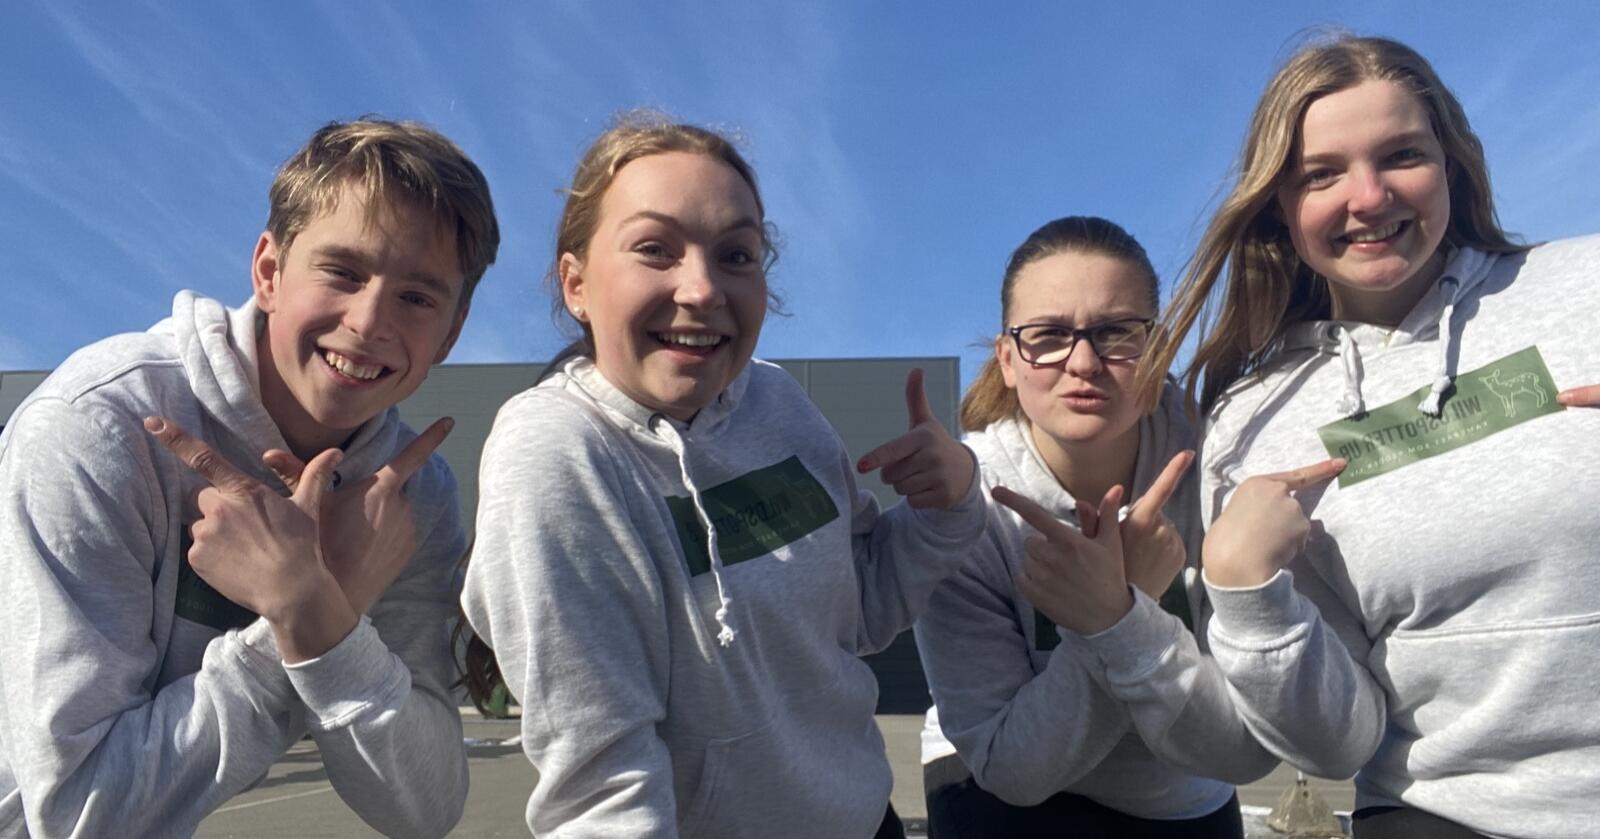 Gustav Nordlund, Mille Øiom, Maja Austrheim og Margrethe Todal-Falskog går andre året på naturbruk på Hvam videregående skole, og har gjennom dette skoleåret utviklet ungdomsbedriften WildSpotters. (Foto: Privat)